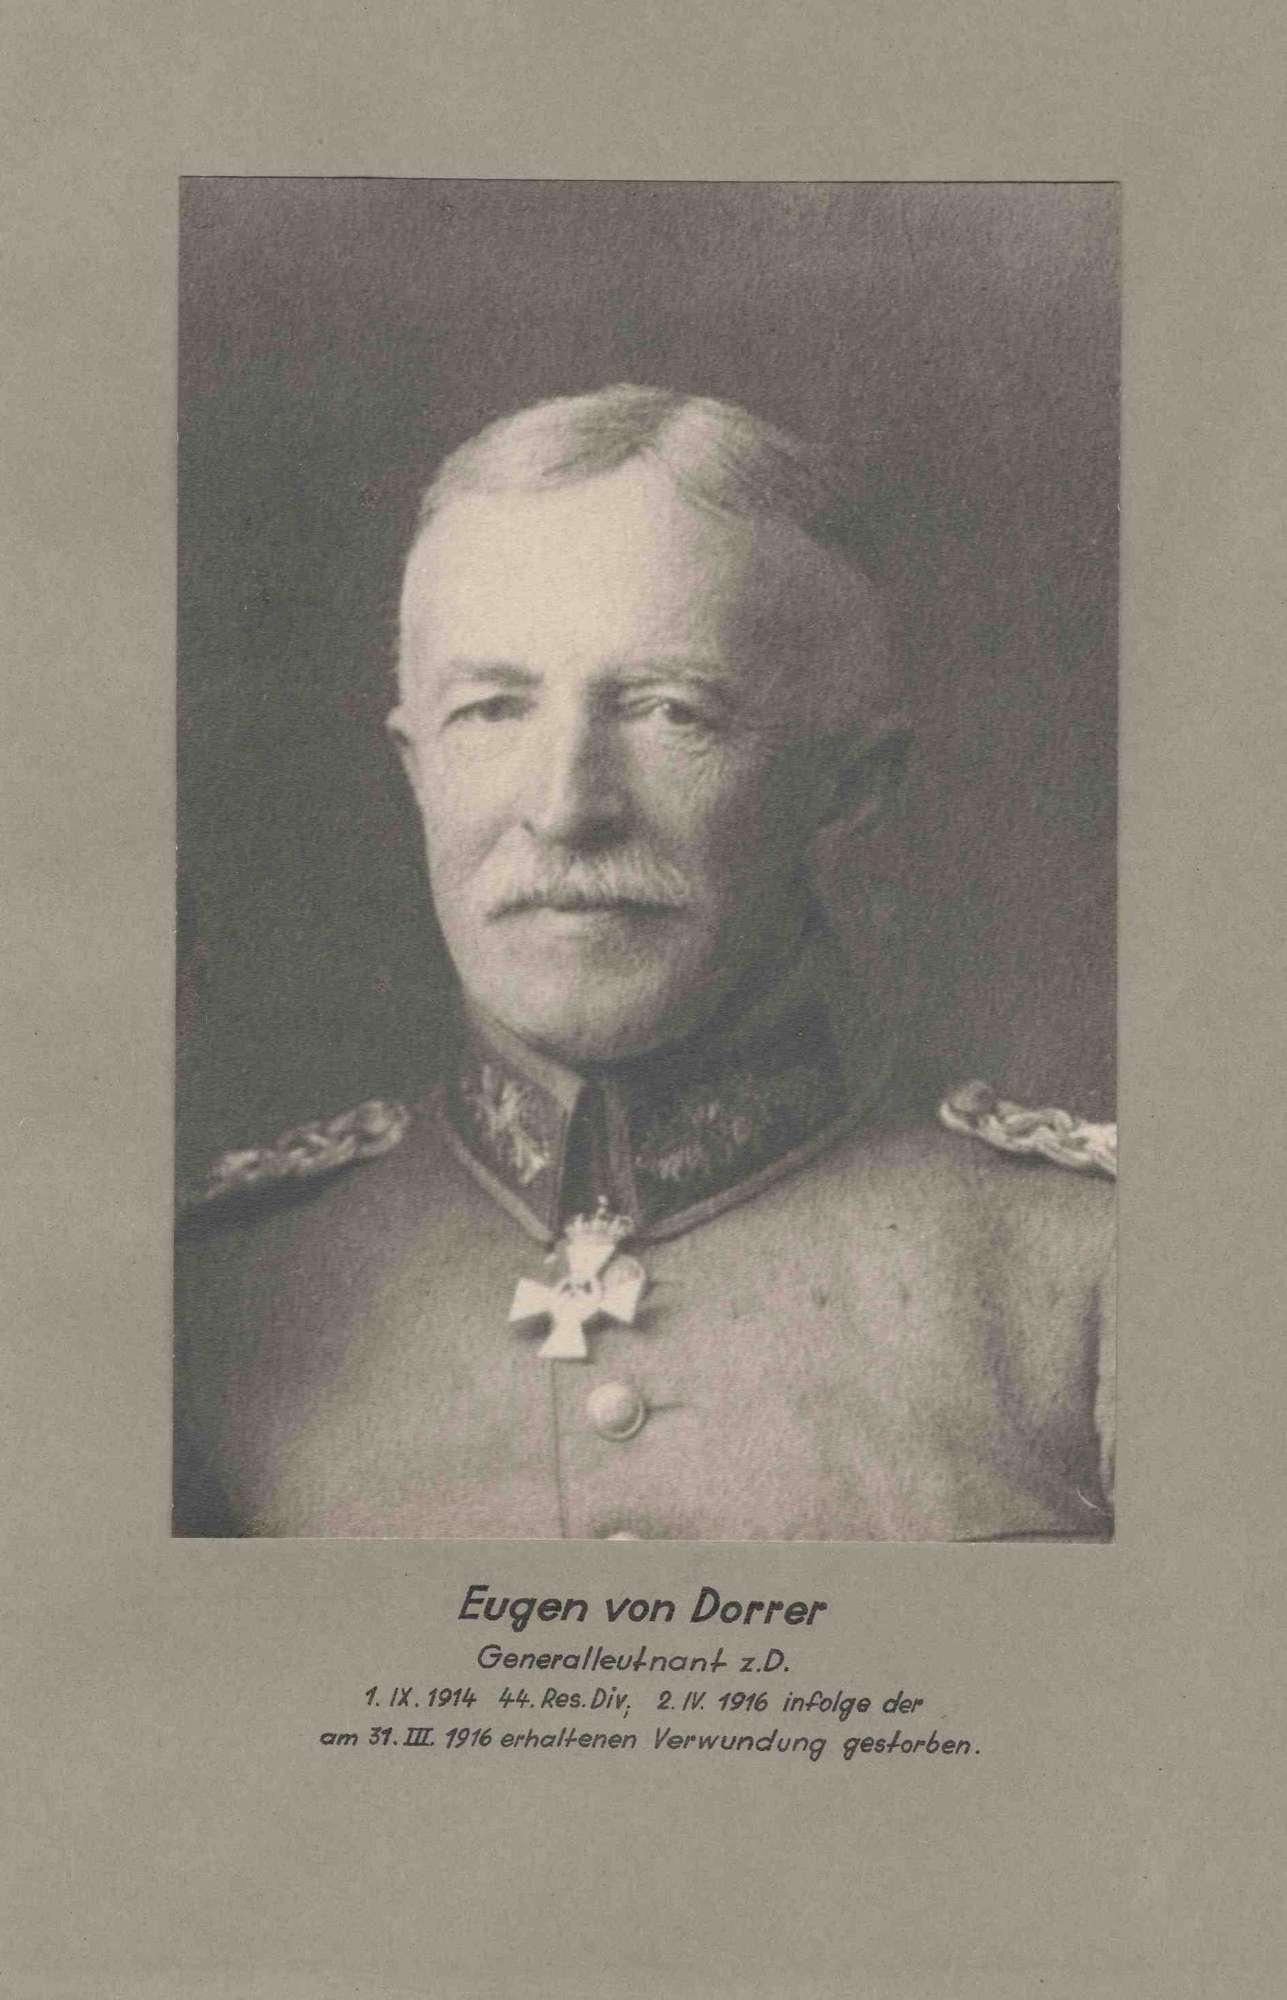 Eugen von Dorrer, Generalleutnant z. D. (zur Disposition), Kommandeur der 44. Res.-Division von 1914-191 in Uniform mit Orden, Brustbild in Halbprofil, Bild 1